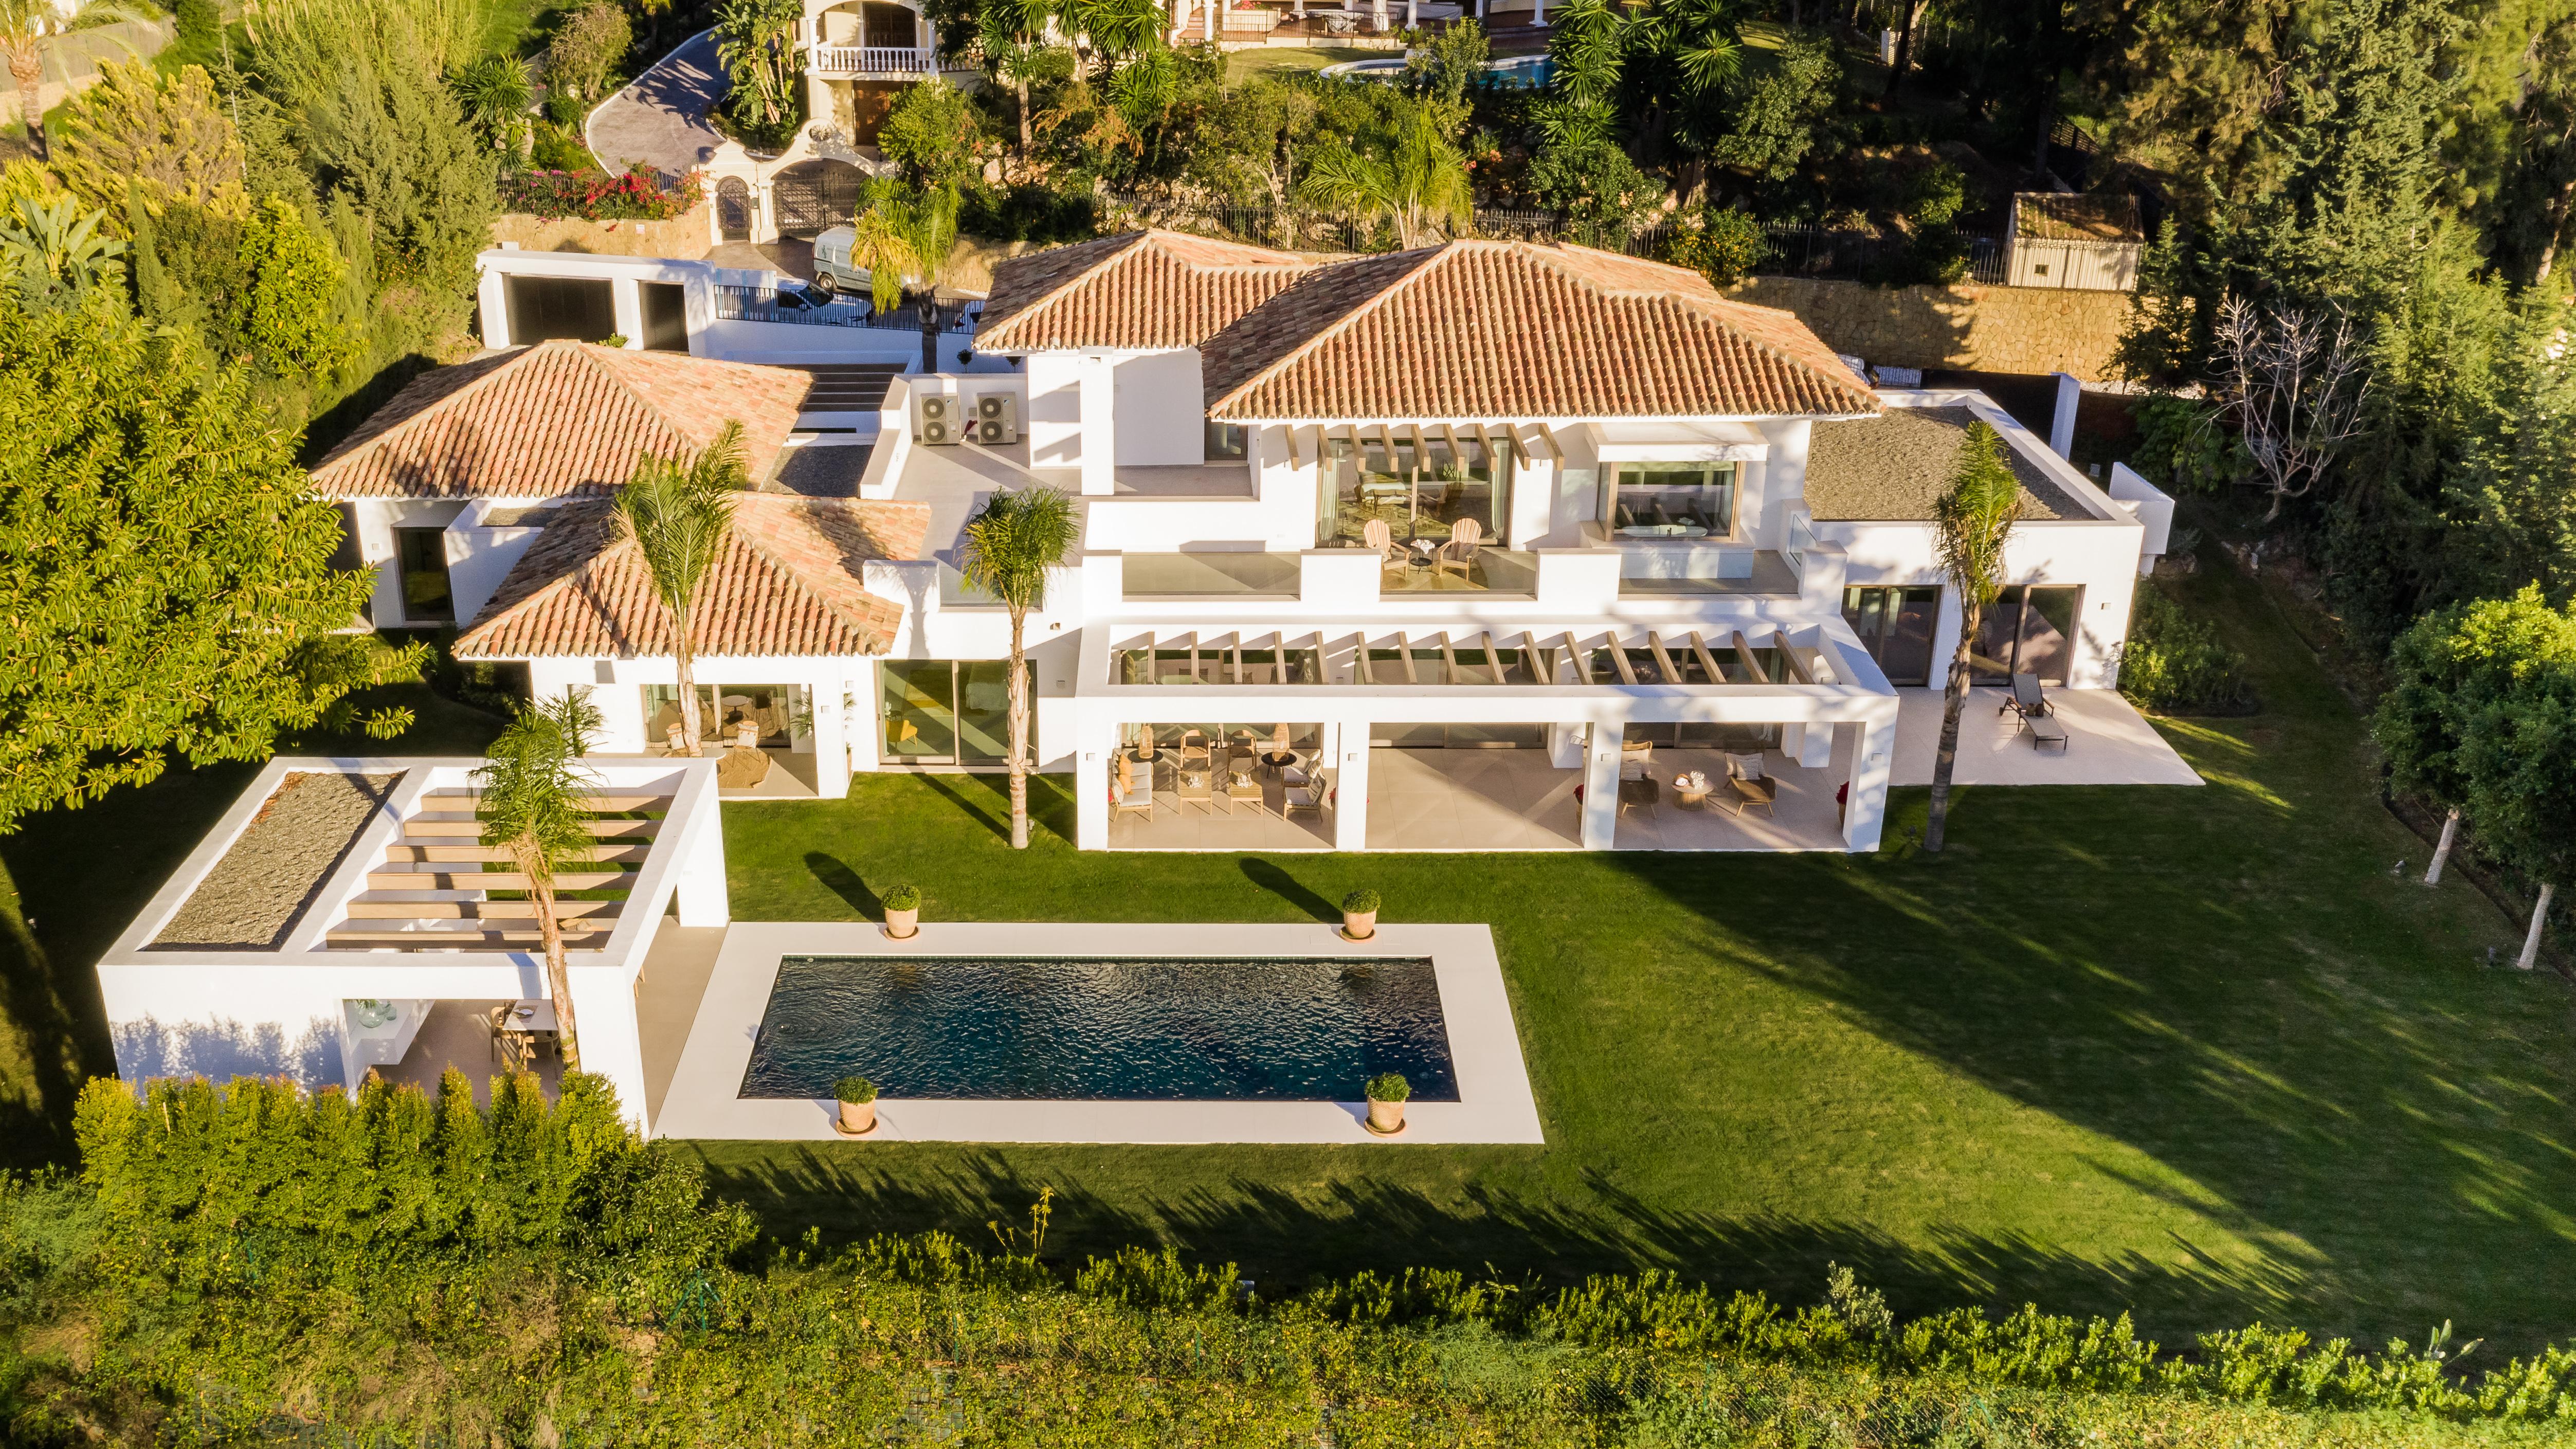 Ref:359-00203P Villa For Sale in Estepona